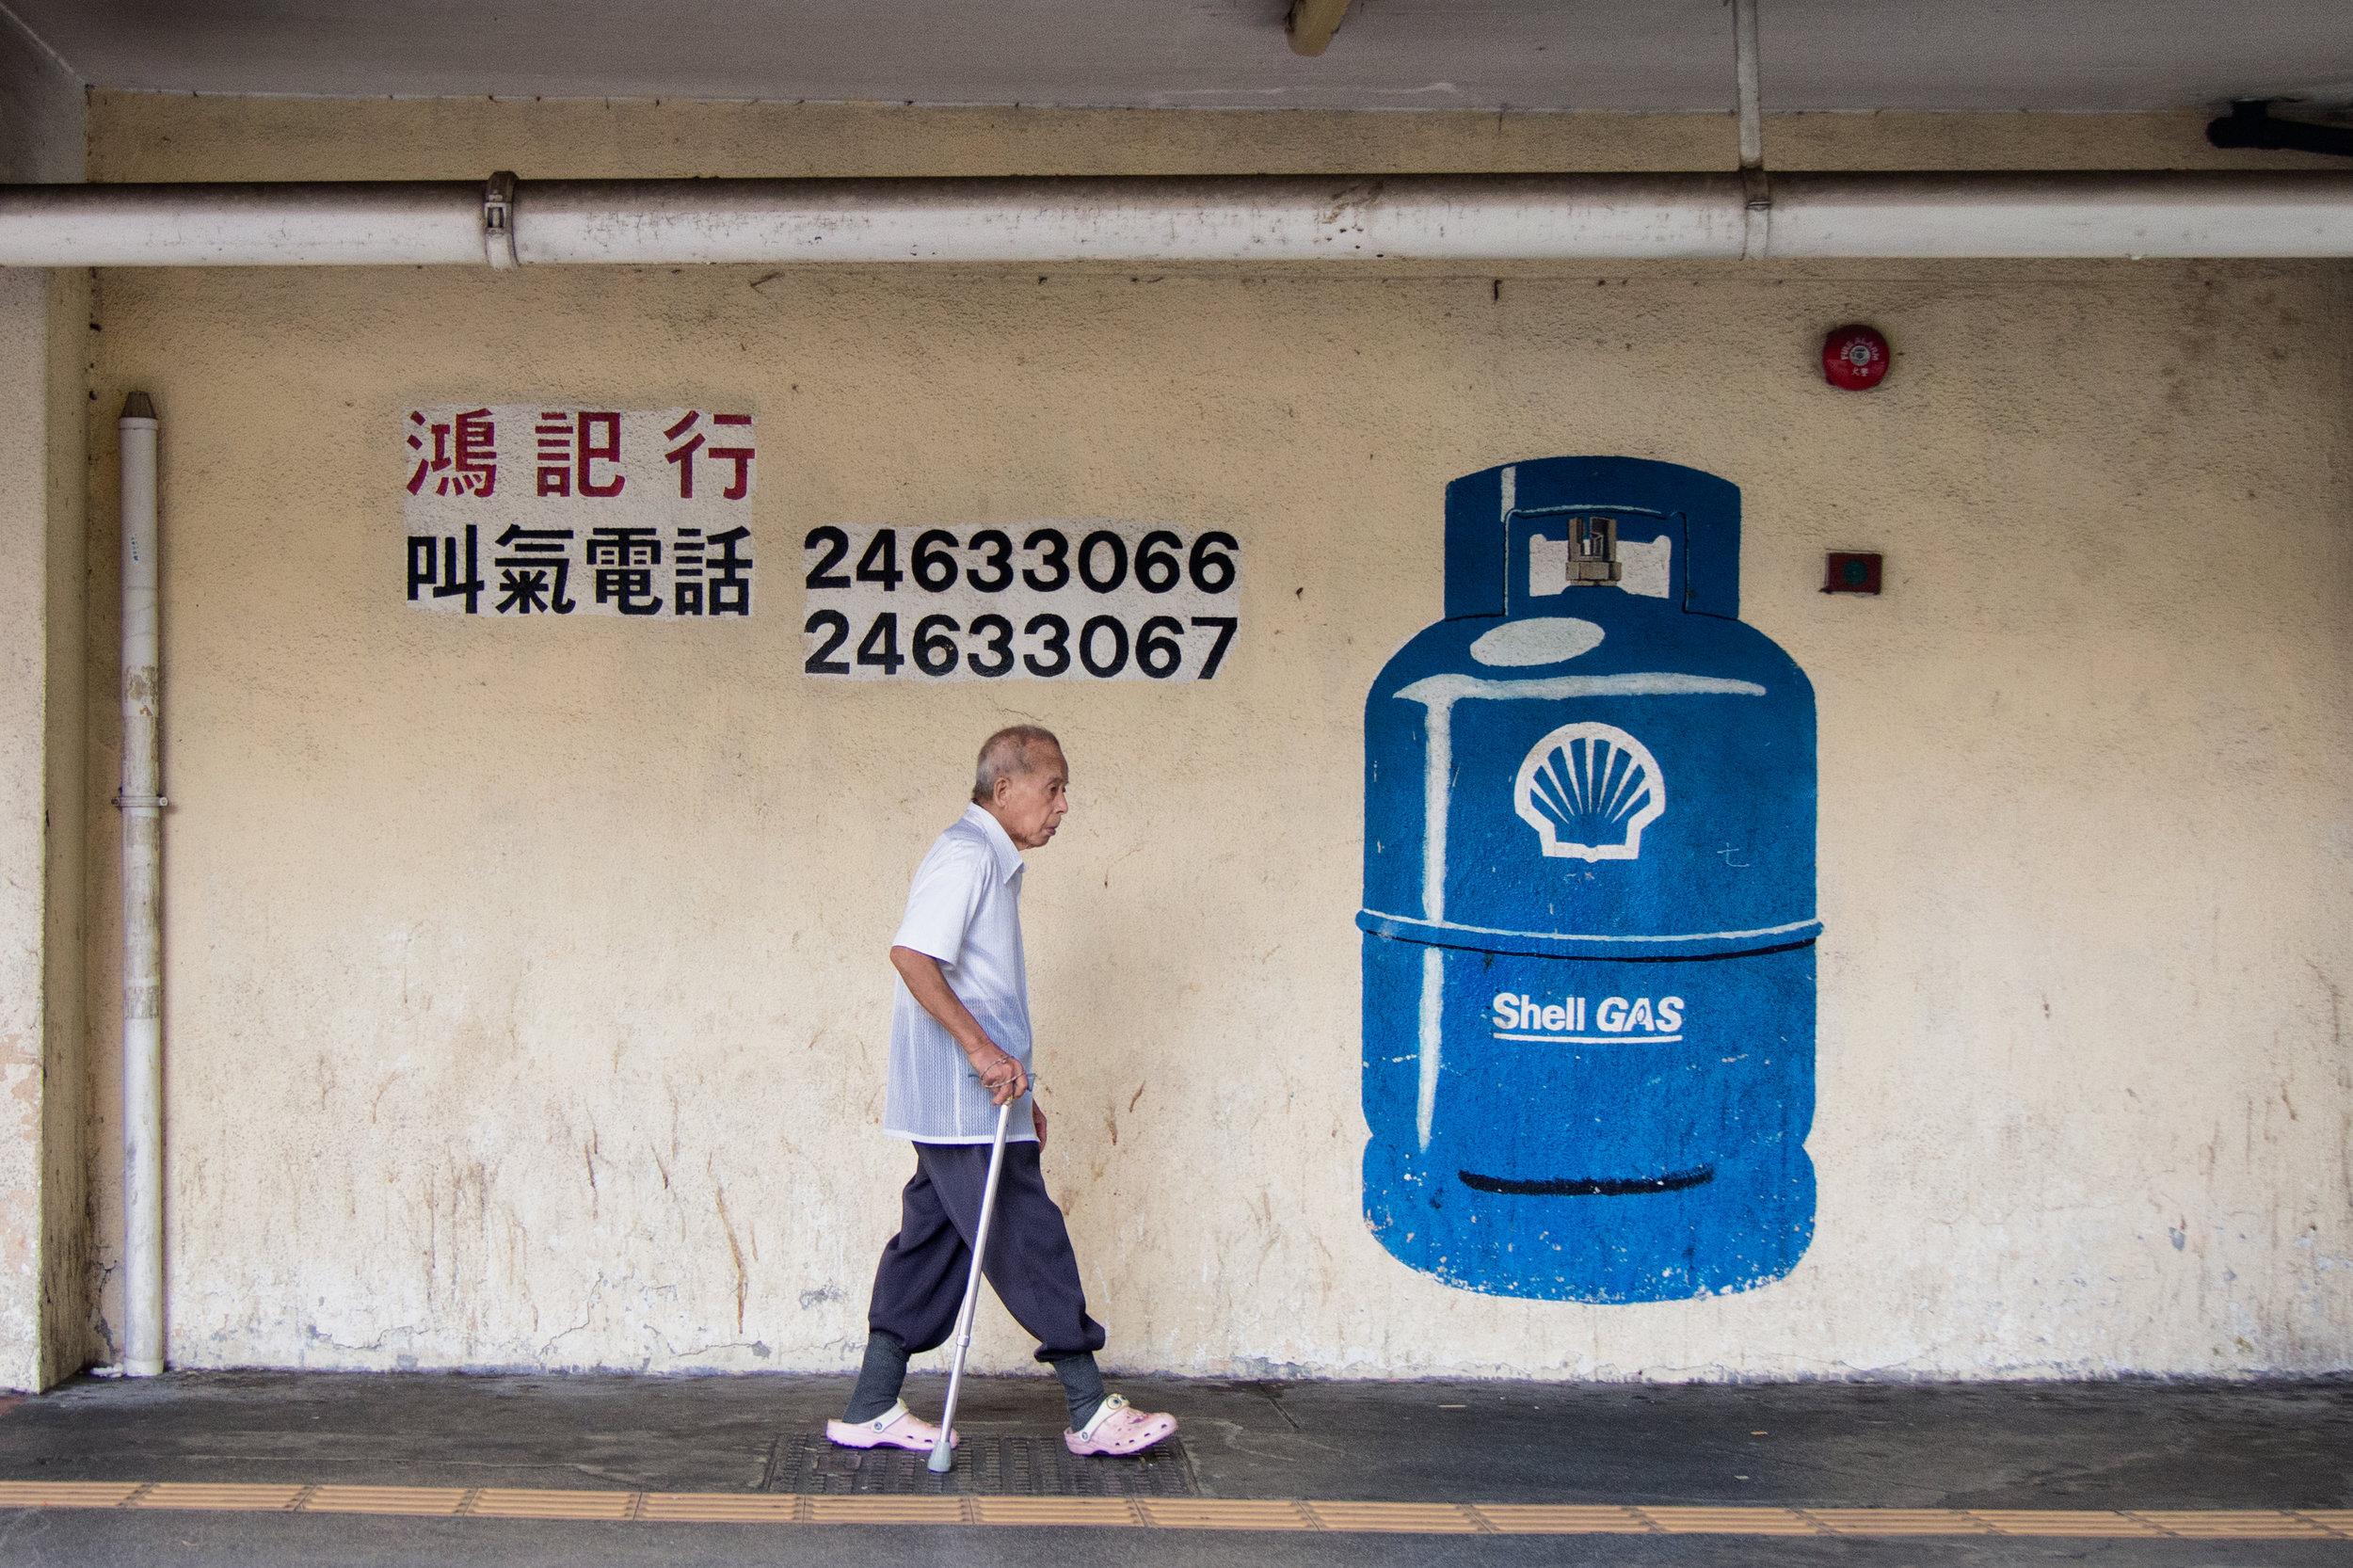 ©William Leung - 「其實我拍攝的不是『作品』,而是記錄一個時間……我想記錄一些細微轉變。」William以屋邨油漆為例,就算同一角度同一位置,十年前後的用色亦有所改變,喜歡屋邨的他不單是喜愛,而會更進一步了解公共屋邨的運作。